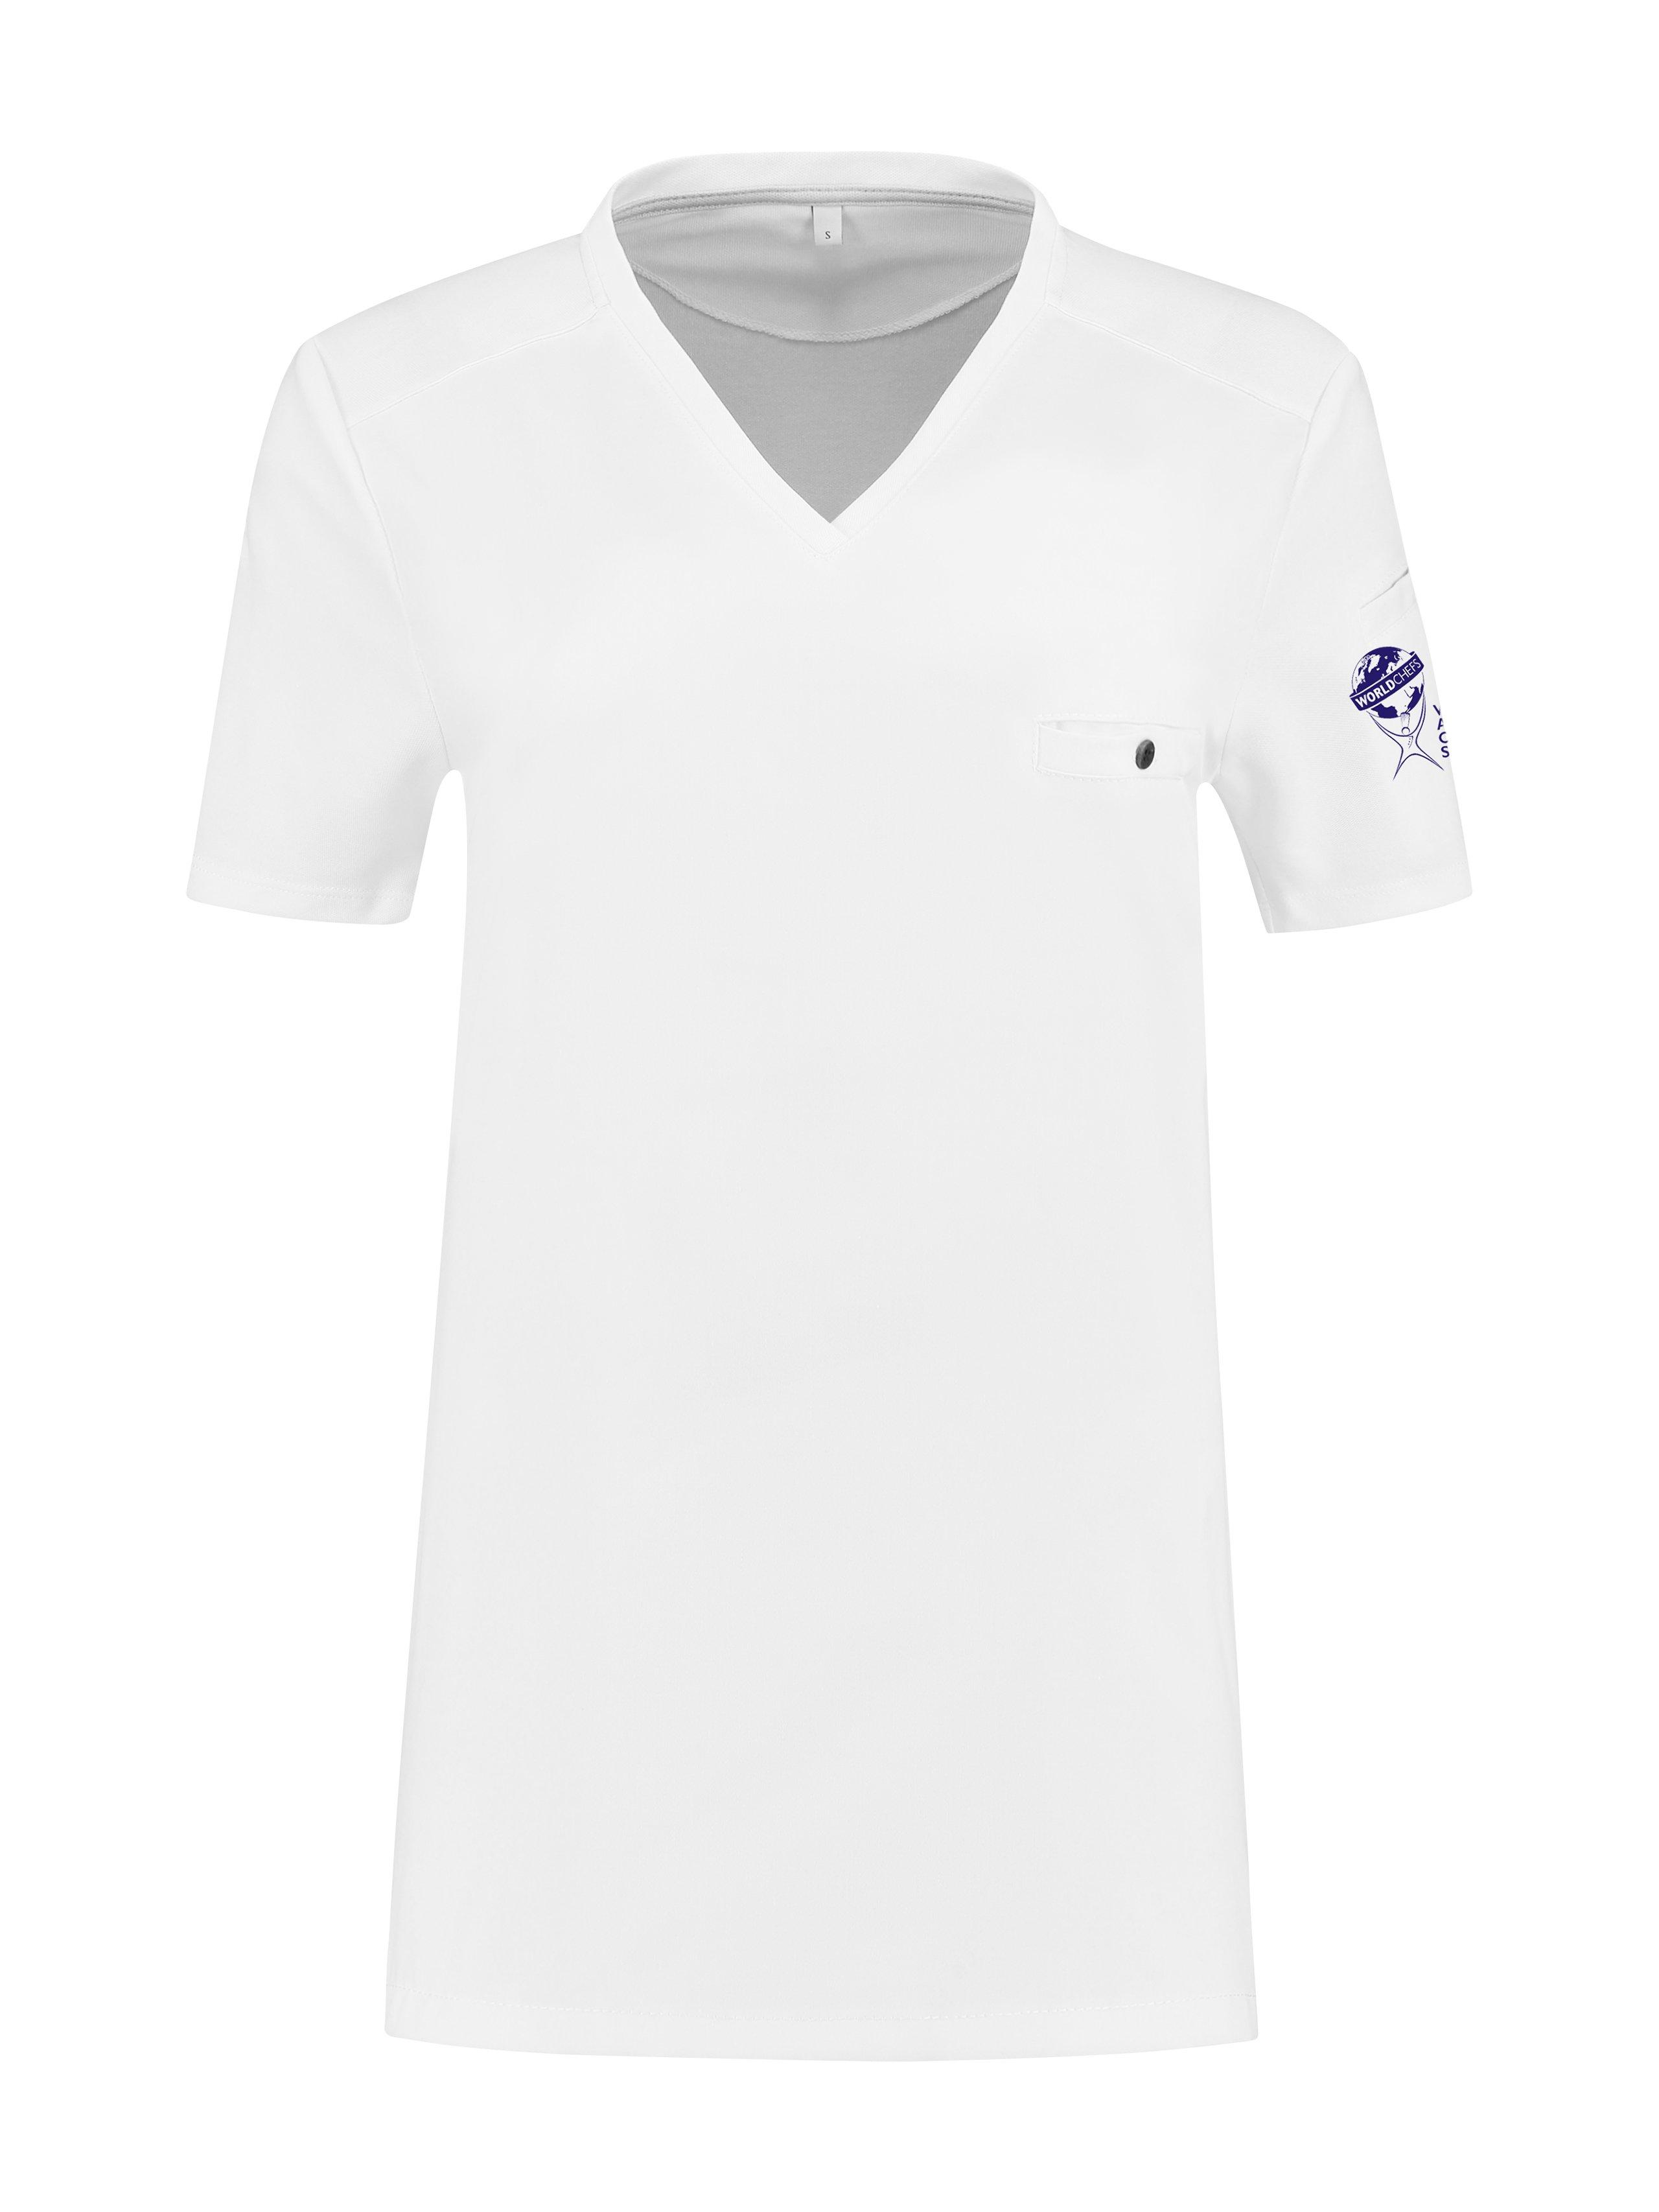 T-Shirt Worldchefs Fae Weiß